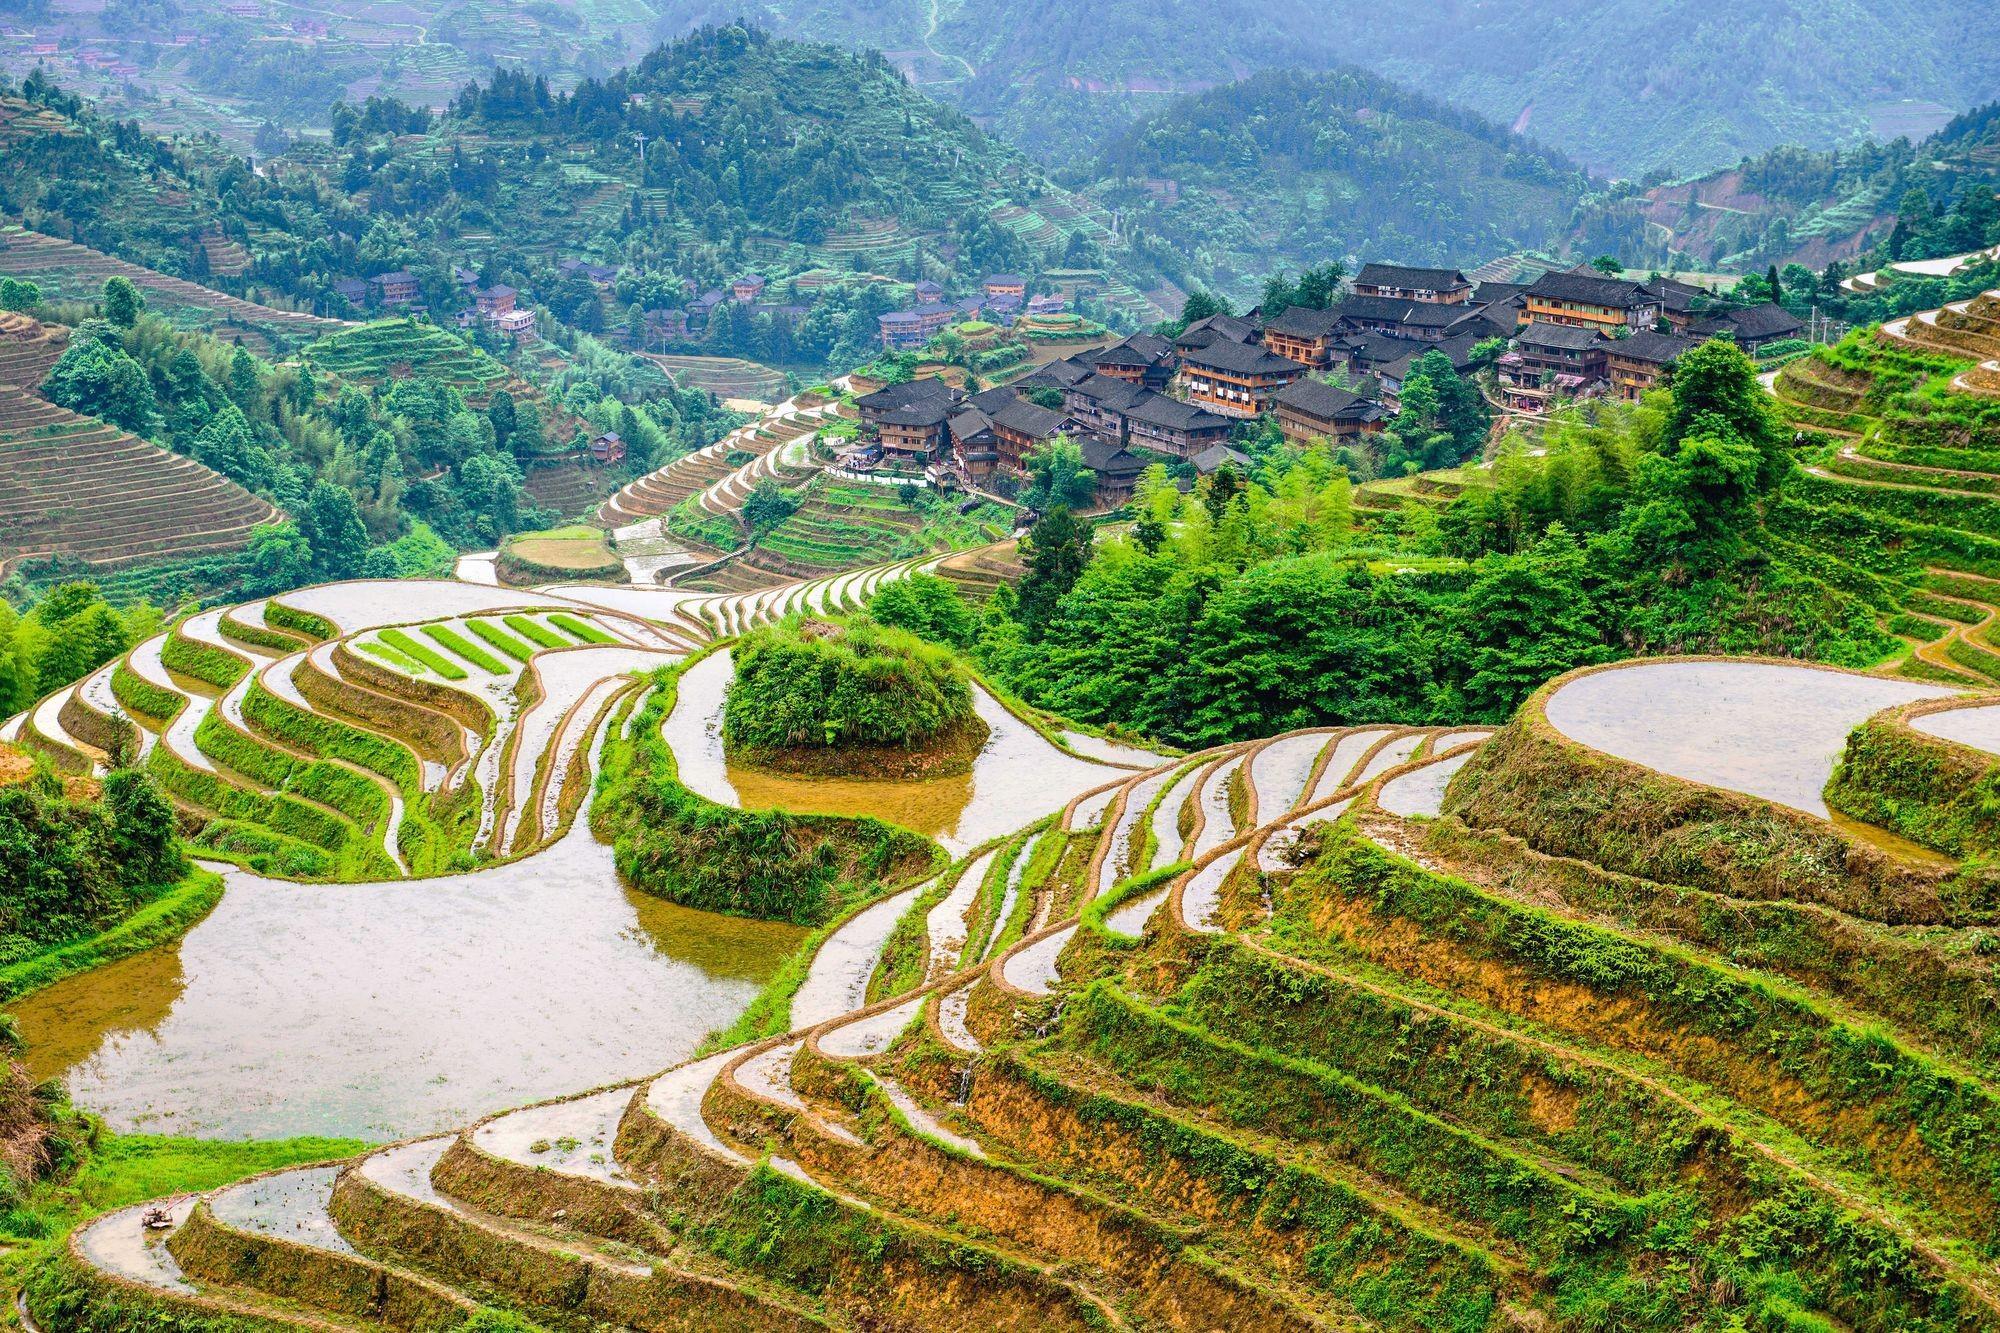 Des aménagements spécifiques liés à l'eau : les terrasses de Yuanyuang en Chine